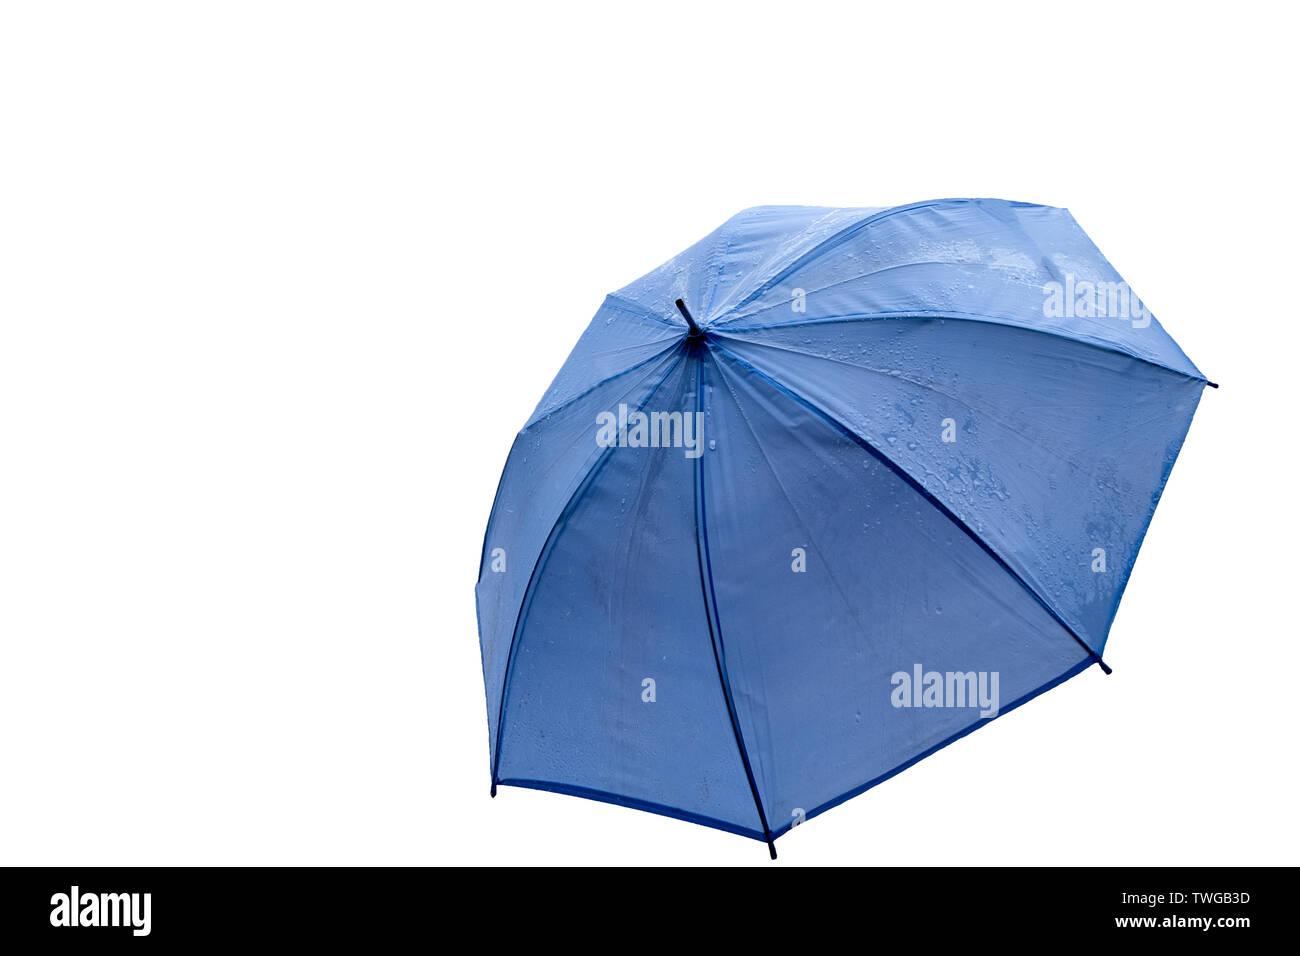 Blue Umbrella opening wet rainy. isolated on white background - Stock Image